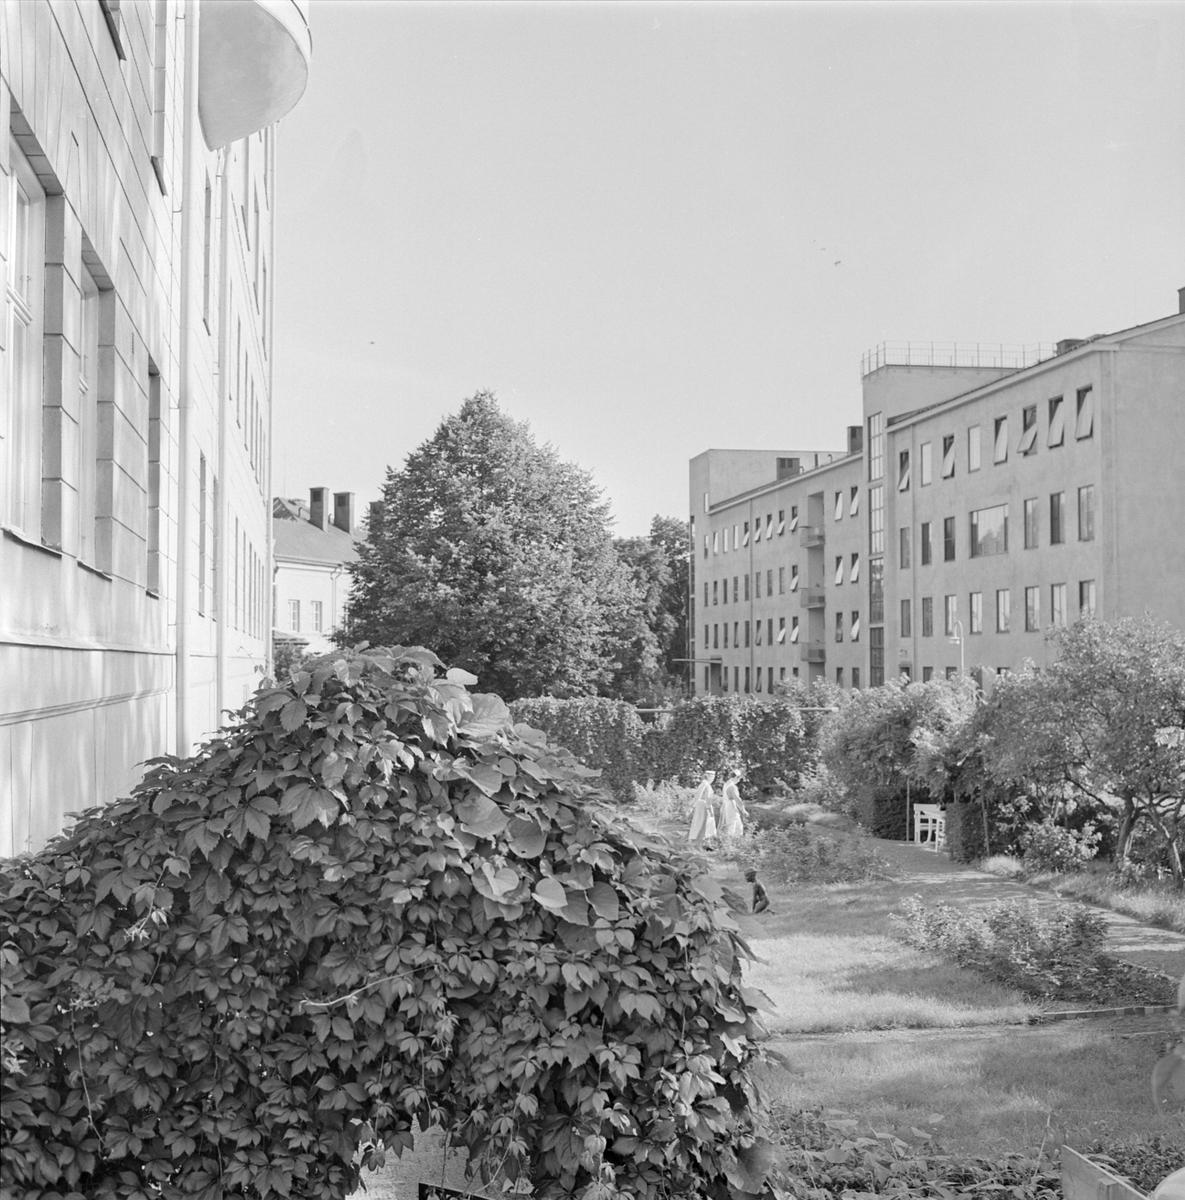 Akademiska sjukhuset, Uppsala 1958-1959